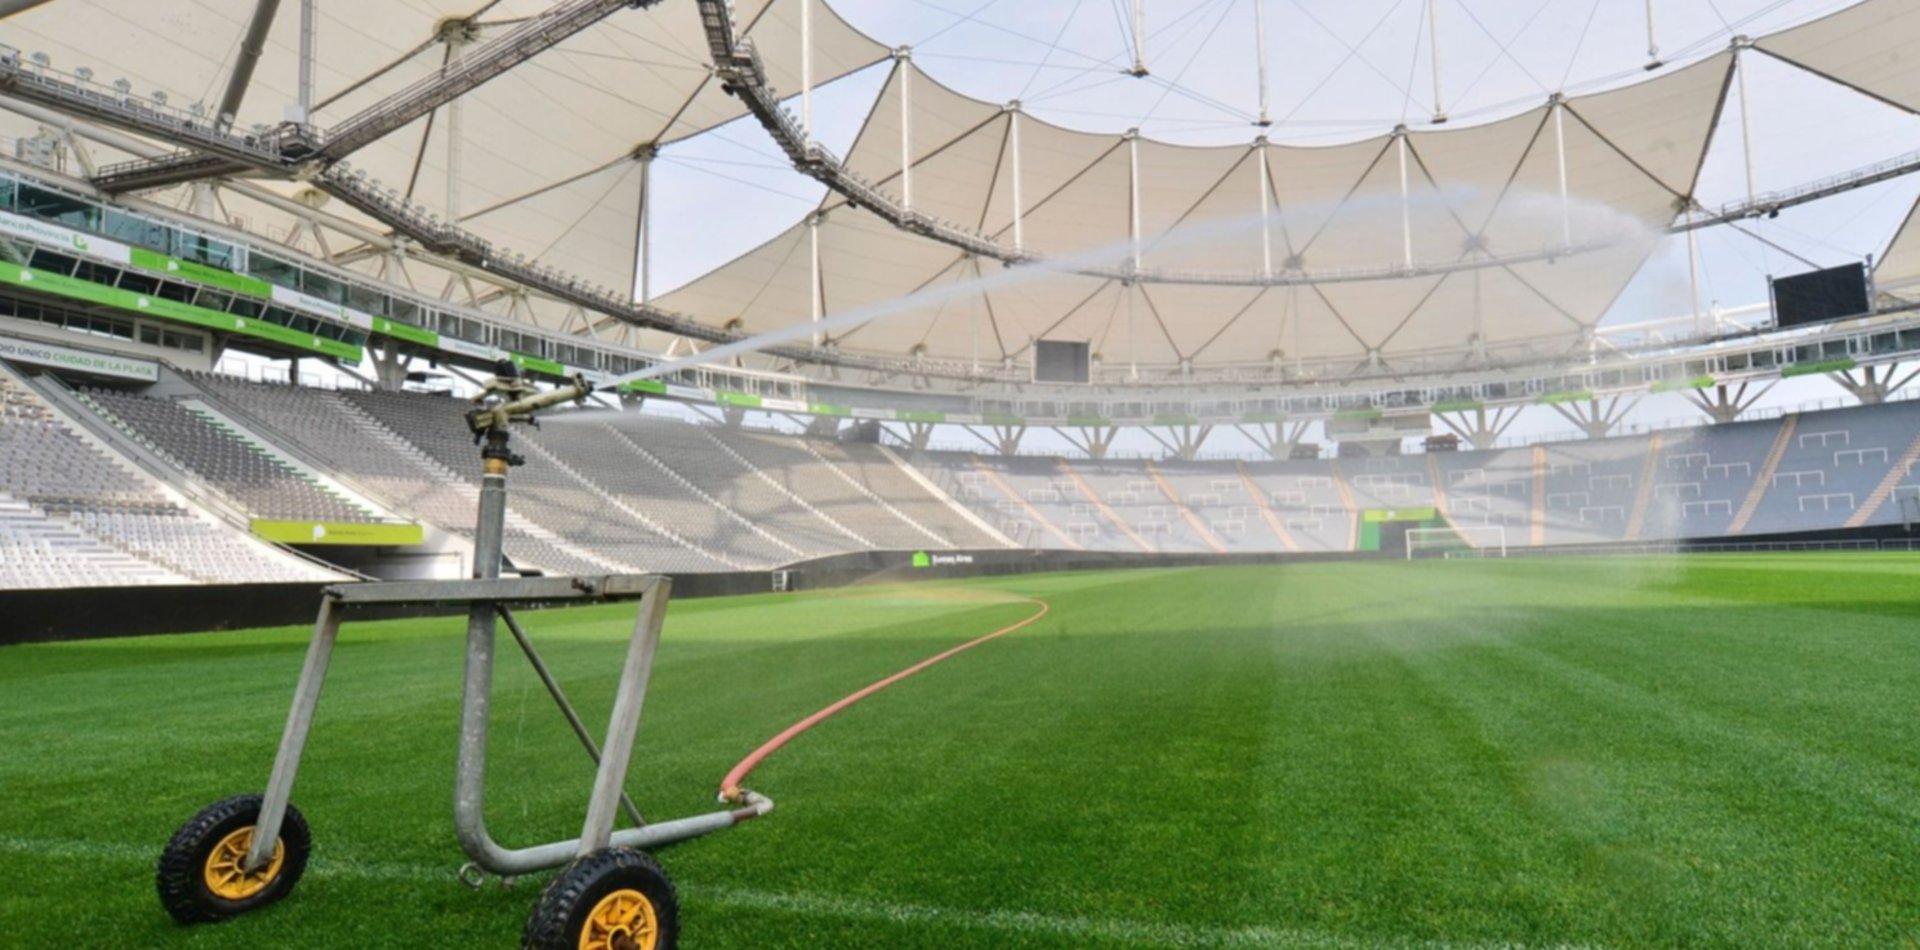 Eventos internacionales, Copa Argentina y shows: todo lo que se viene en el Estadio Único